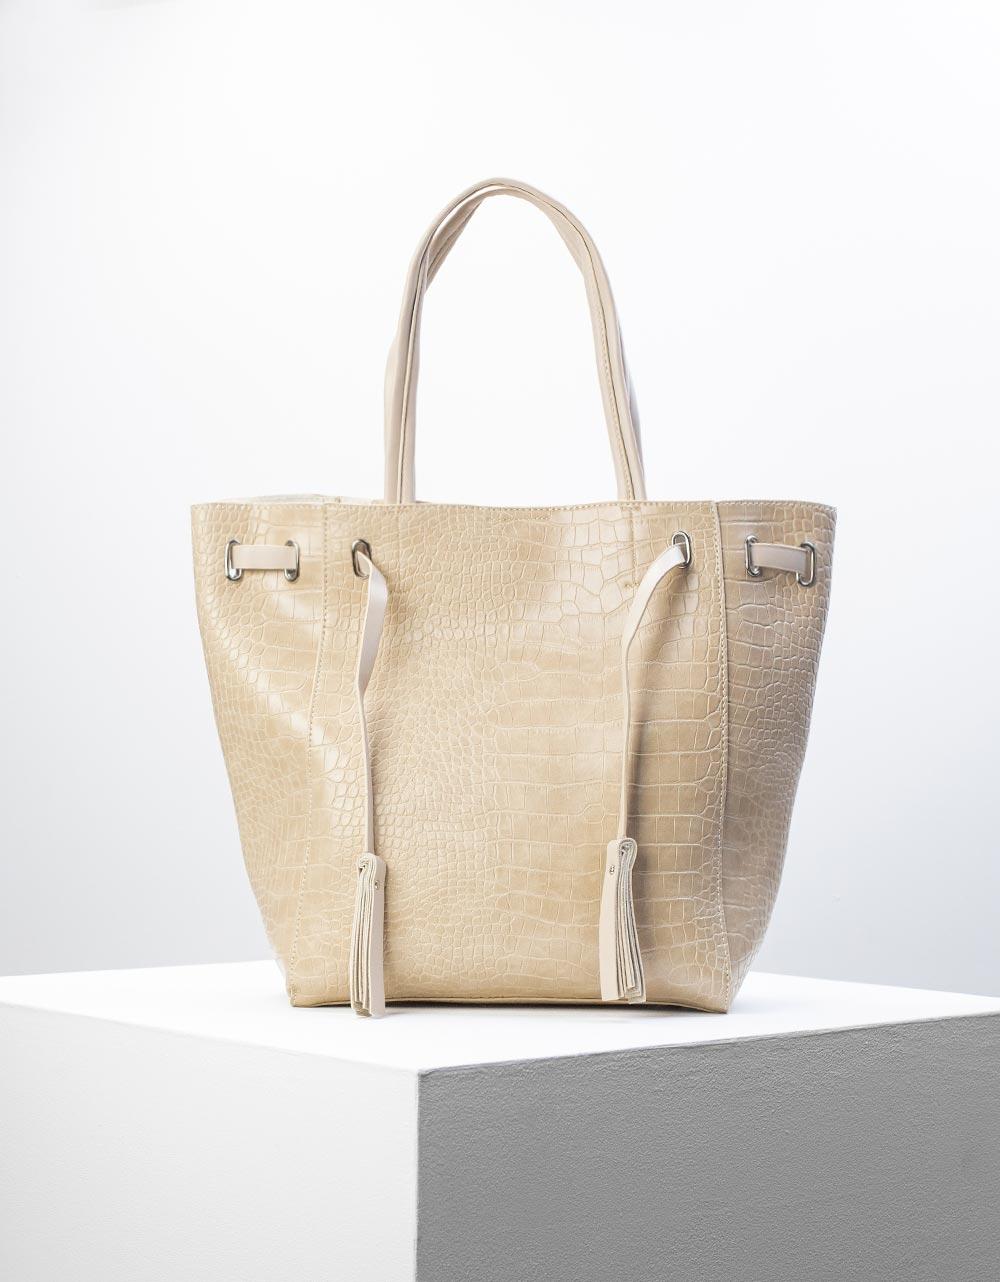 Εικόνα από Γυναικεία τσάντα ώμου κροκό με εσωτερικό τσαντάκι Μπεζ